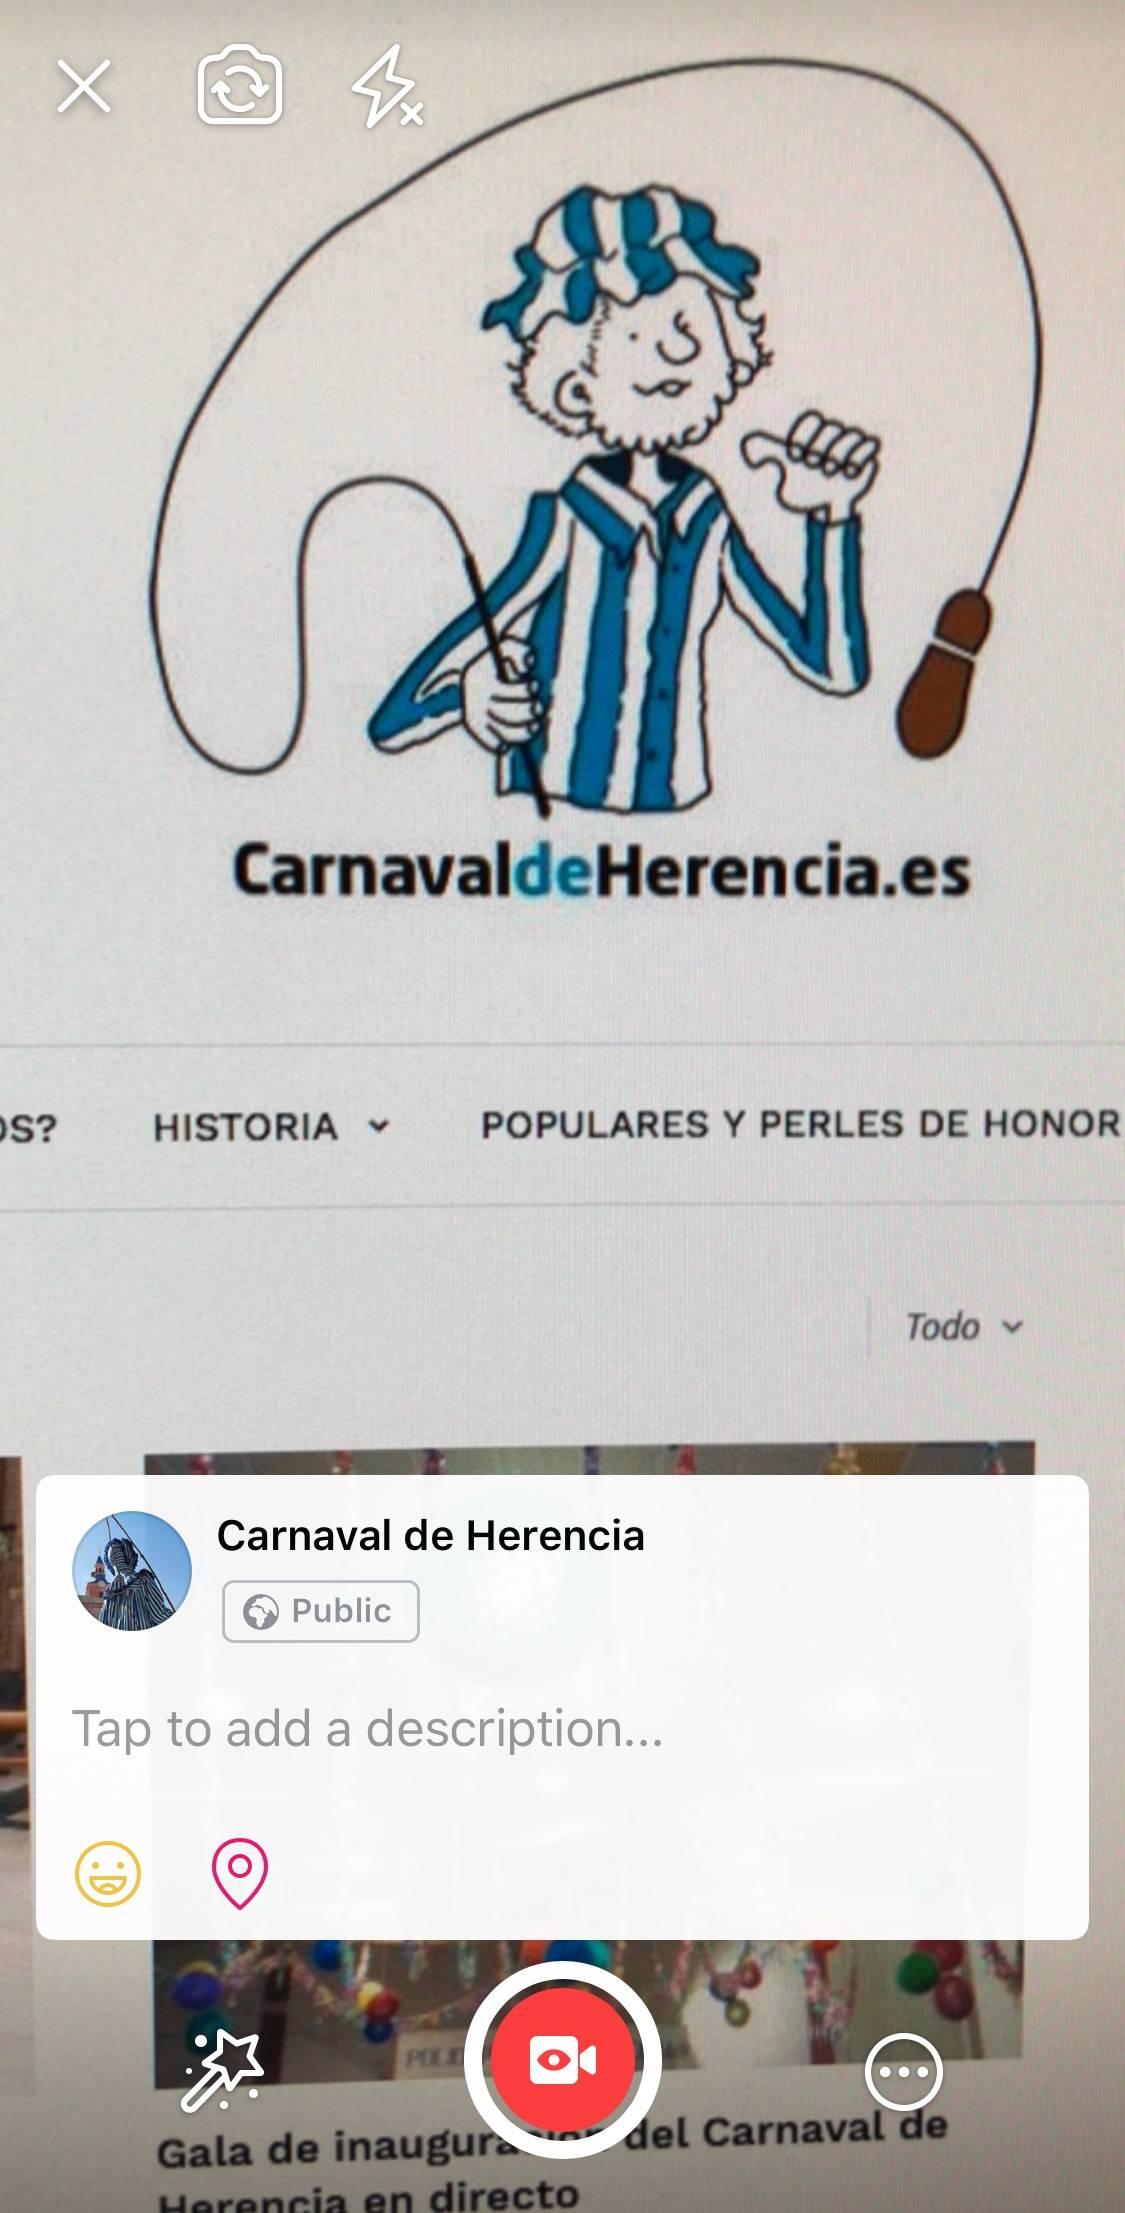 emitir en directo desde pagina facebook - Inauguración del Carnaval de Herencia 2018 en directo